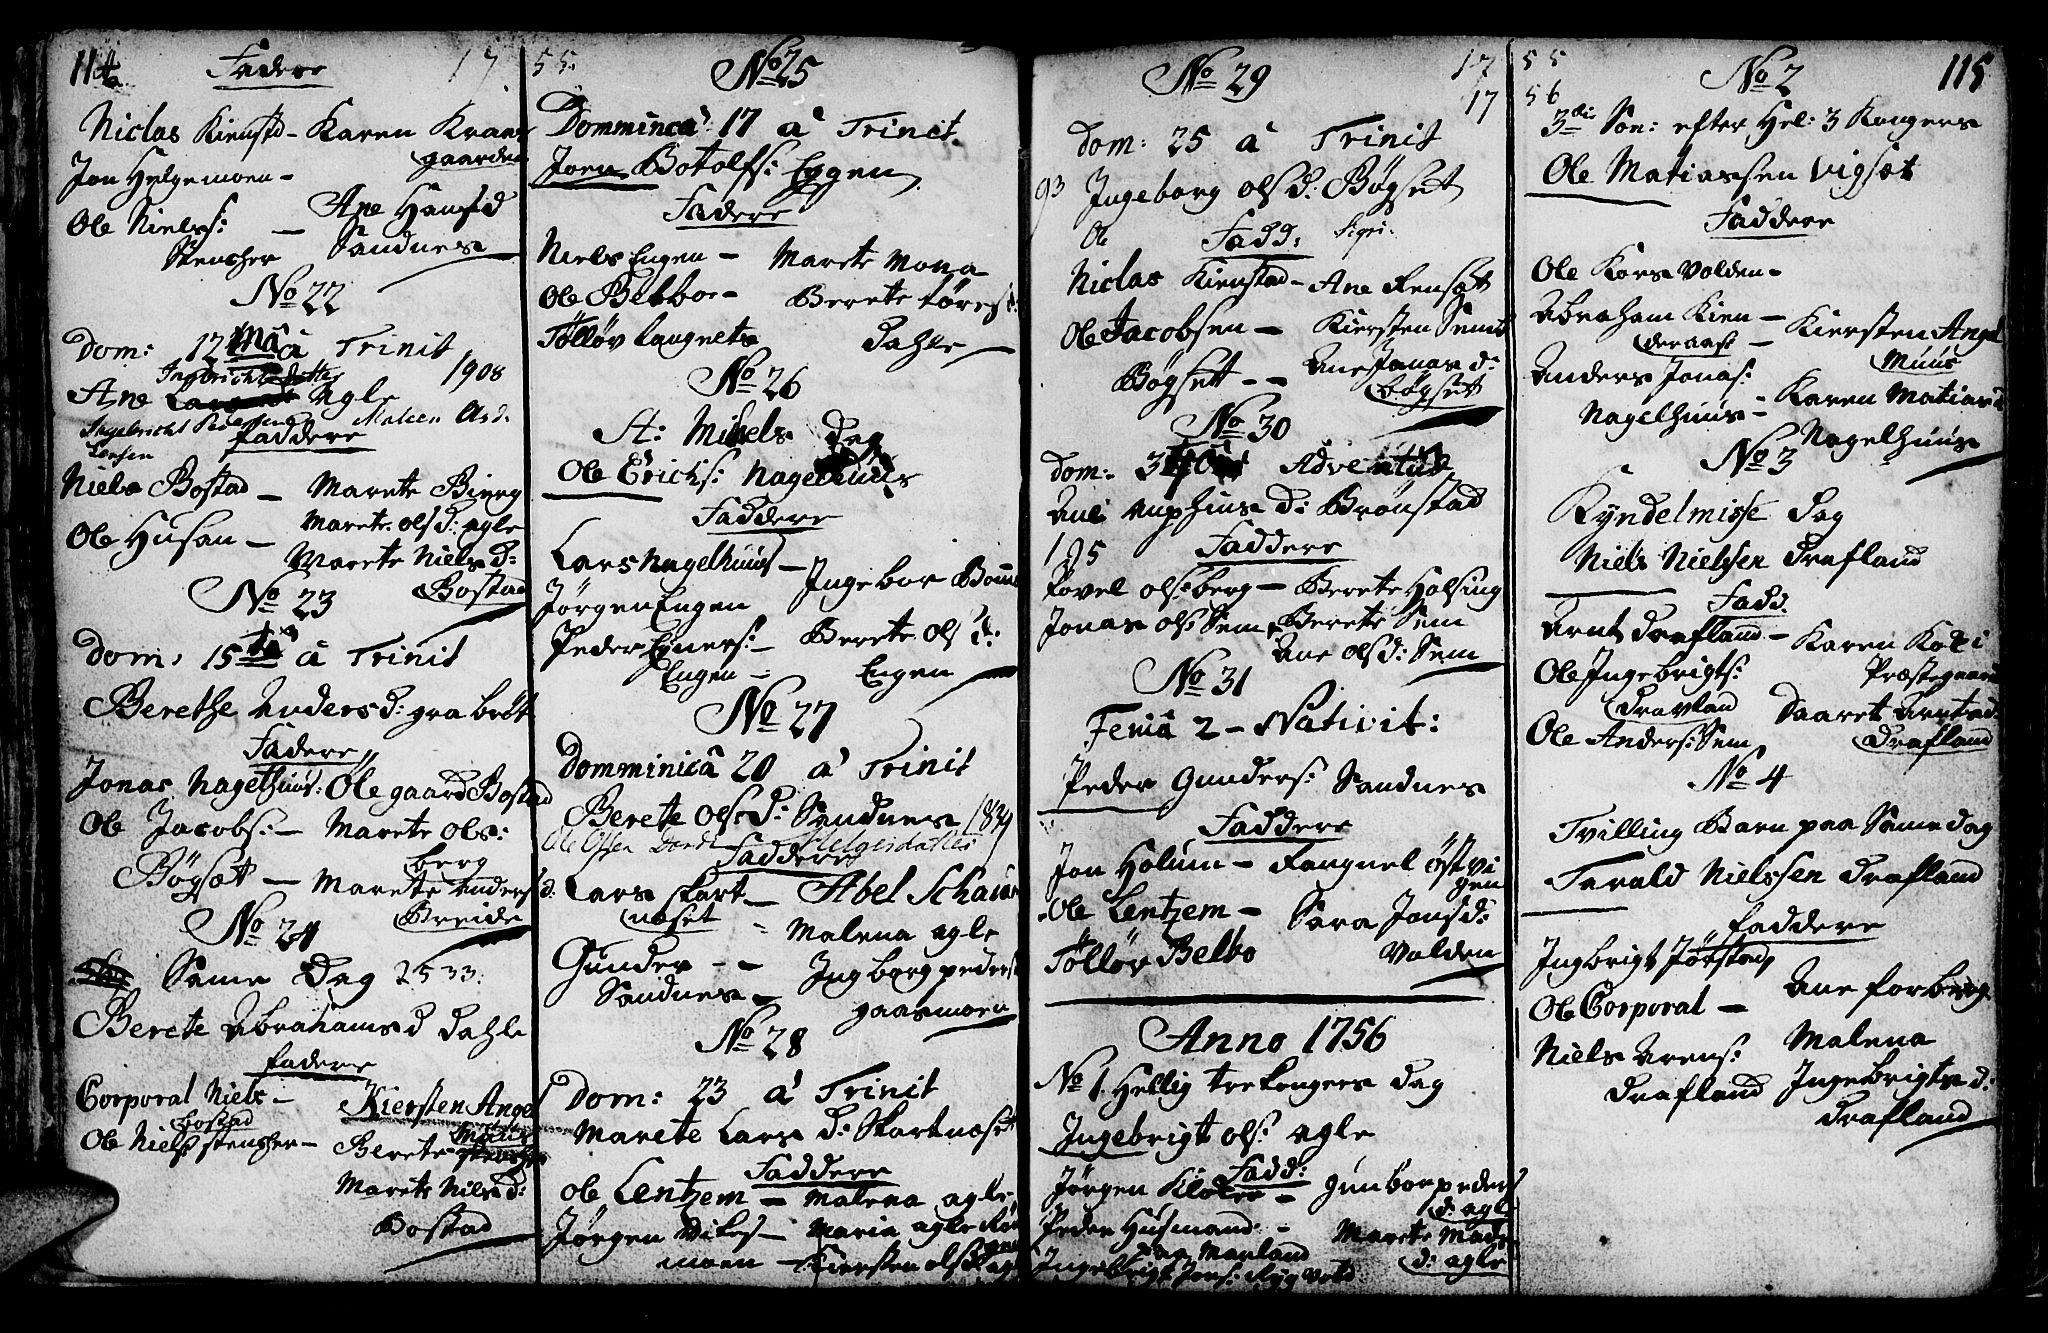 SAT, Ministerialprotokoller, klokkerbøker og fødselsregistre - Nord-Trøndelag, 749/L0467: Ministerialbok nr. 749A01, 1733-1787, s. 114-115